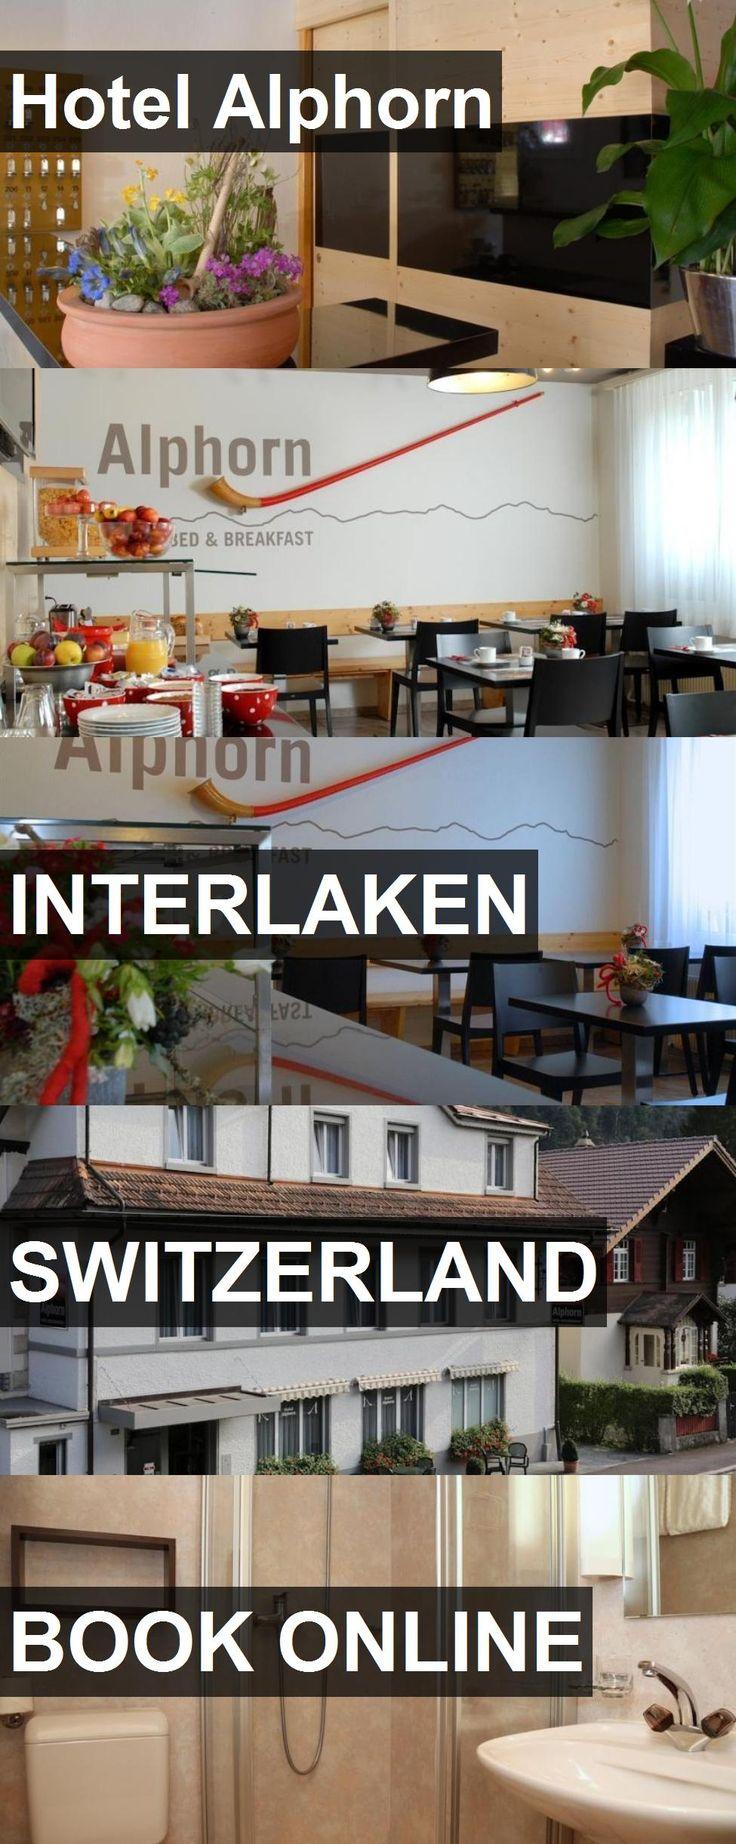 Hotel Alphorn in Interlaken, Switzerland. For more information, photos, reviews and best prices please follow the link. #Switzerland #Interlaken #travel #vacation #hotel